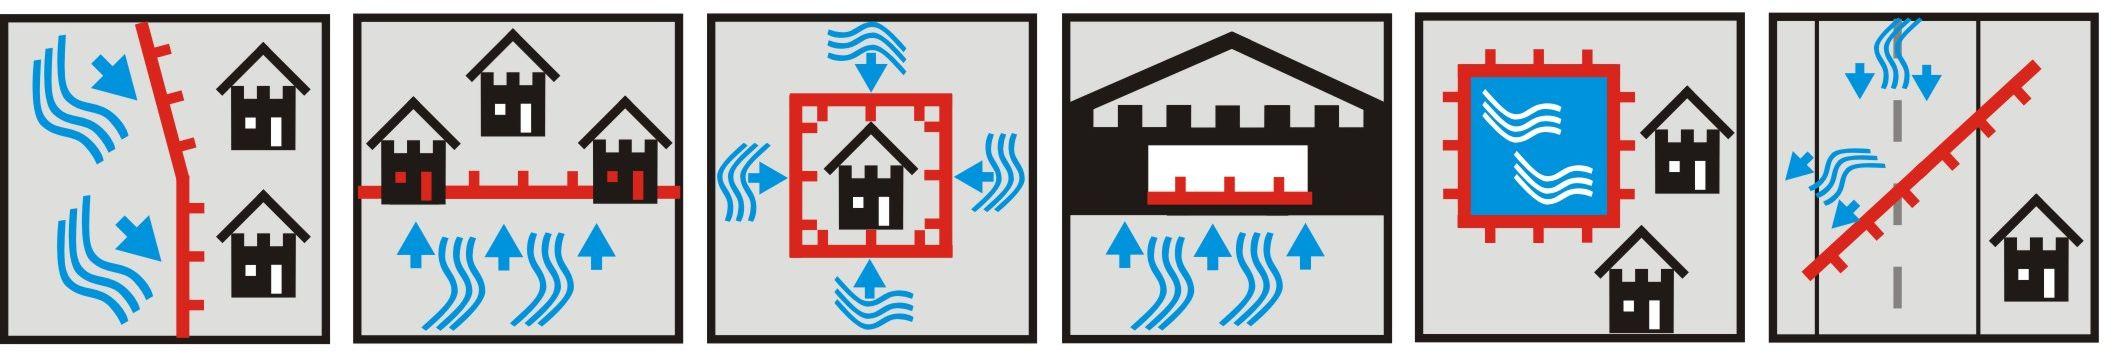 Einsatzszenarien des mobilen Hochwasserschutzsystems